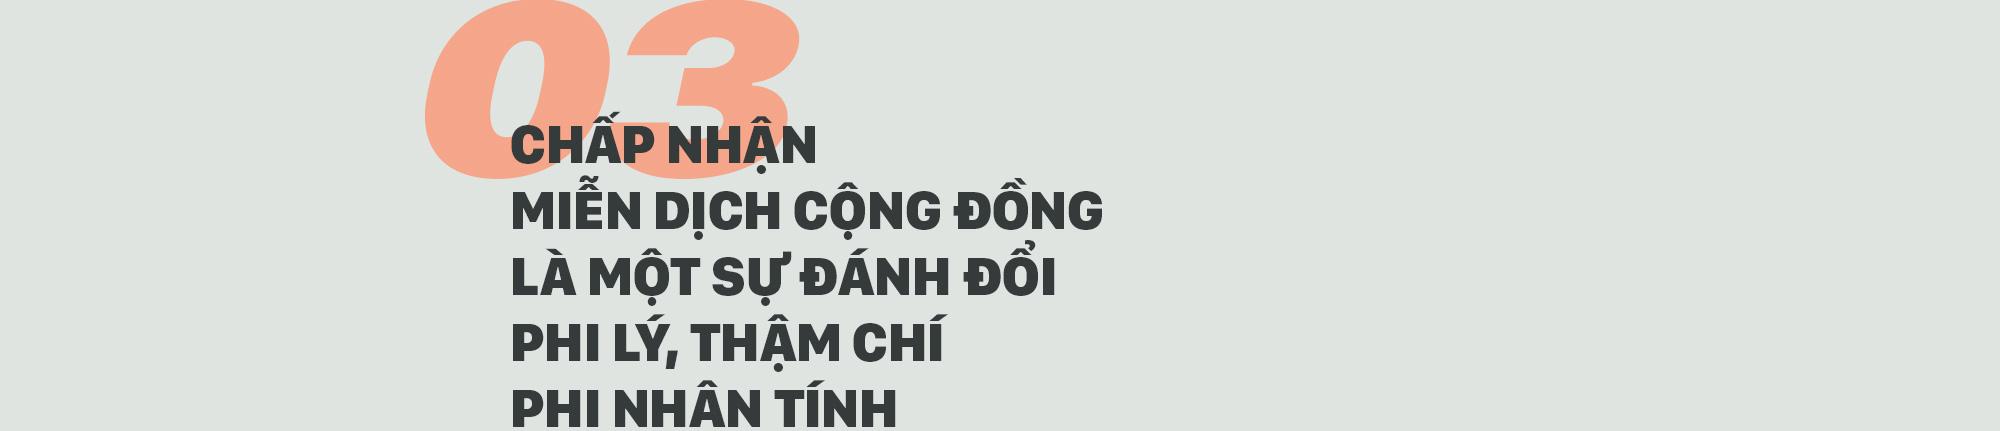 Chúng ta nghèo hơn Mỹ, Nhật, Hàn nhưng Việt Nam là quốc gia đặc biệt, có chiến thuật đặc biệt - Ảnh 6.